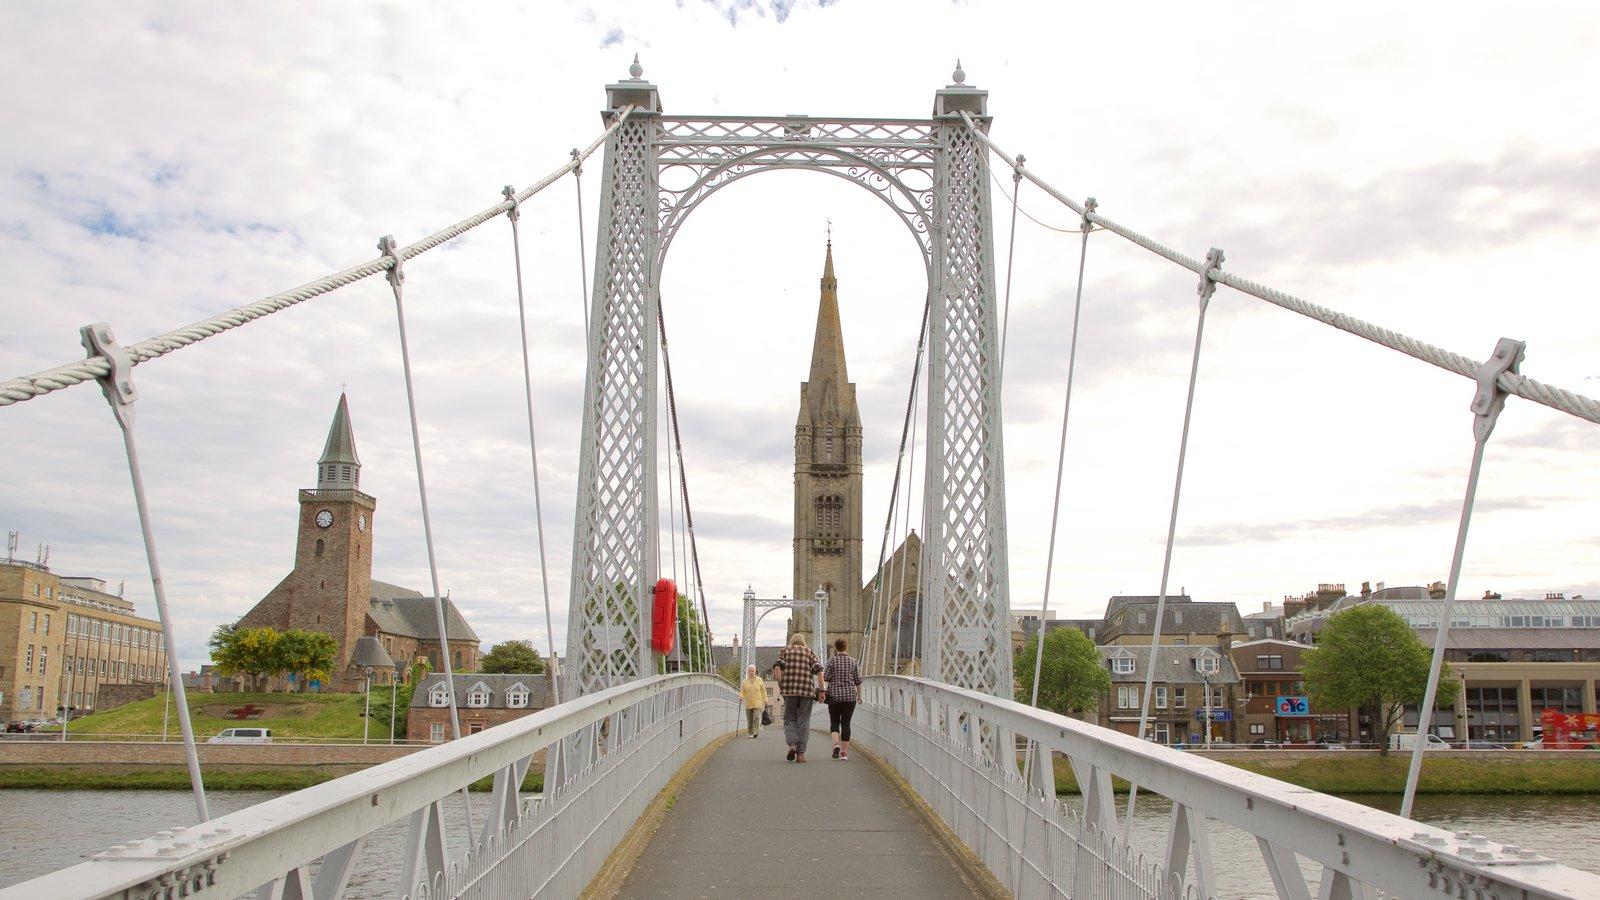 Inverness caracterizando elementos de patrimônio, arquitetura de patrimônio e uma ponte